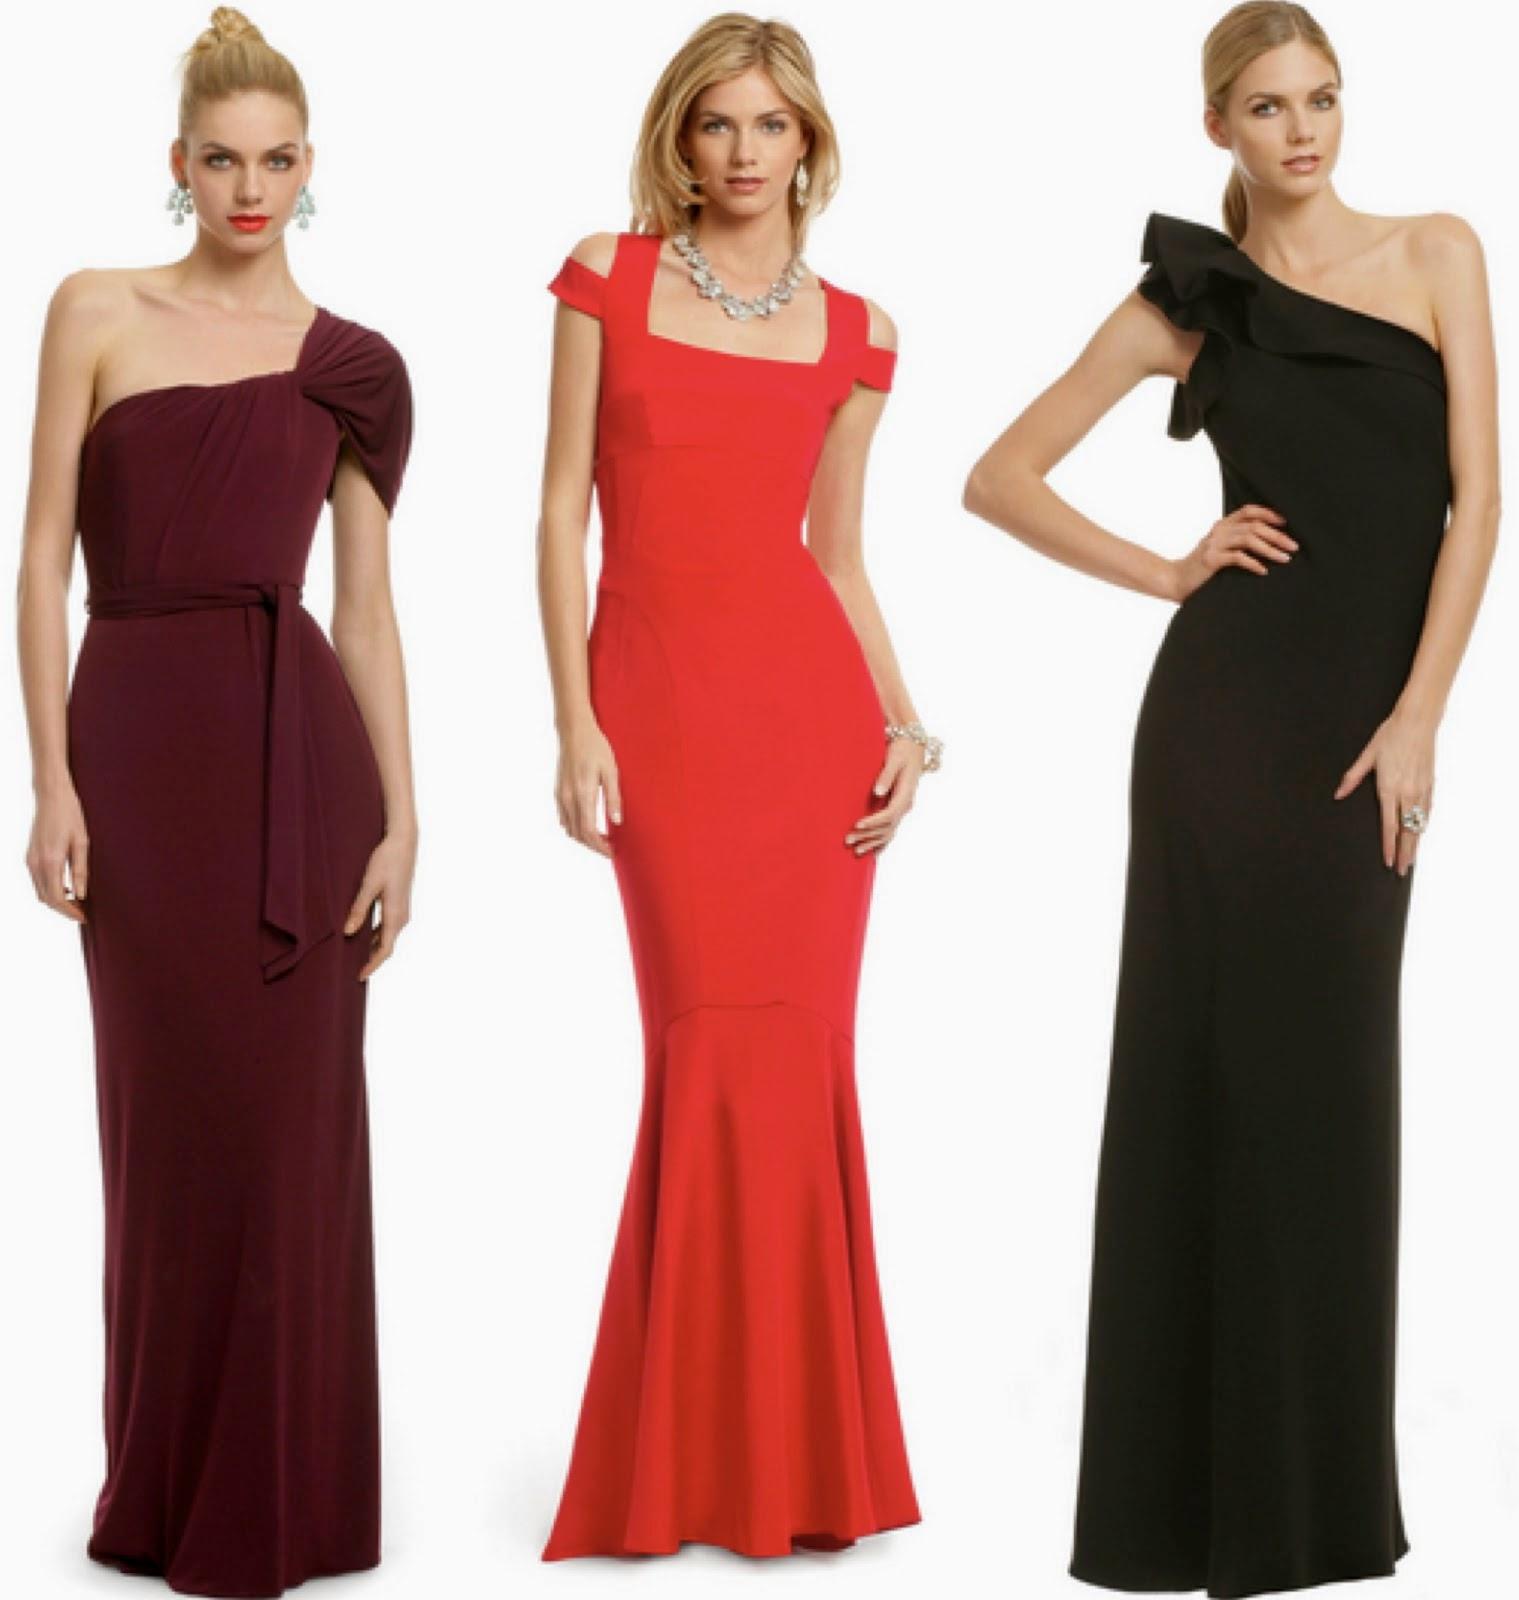 Clothing Trendy for Women: Black-Tie Dress Etiquette for Women